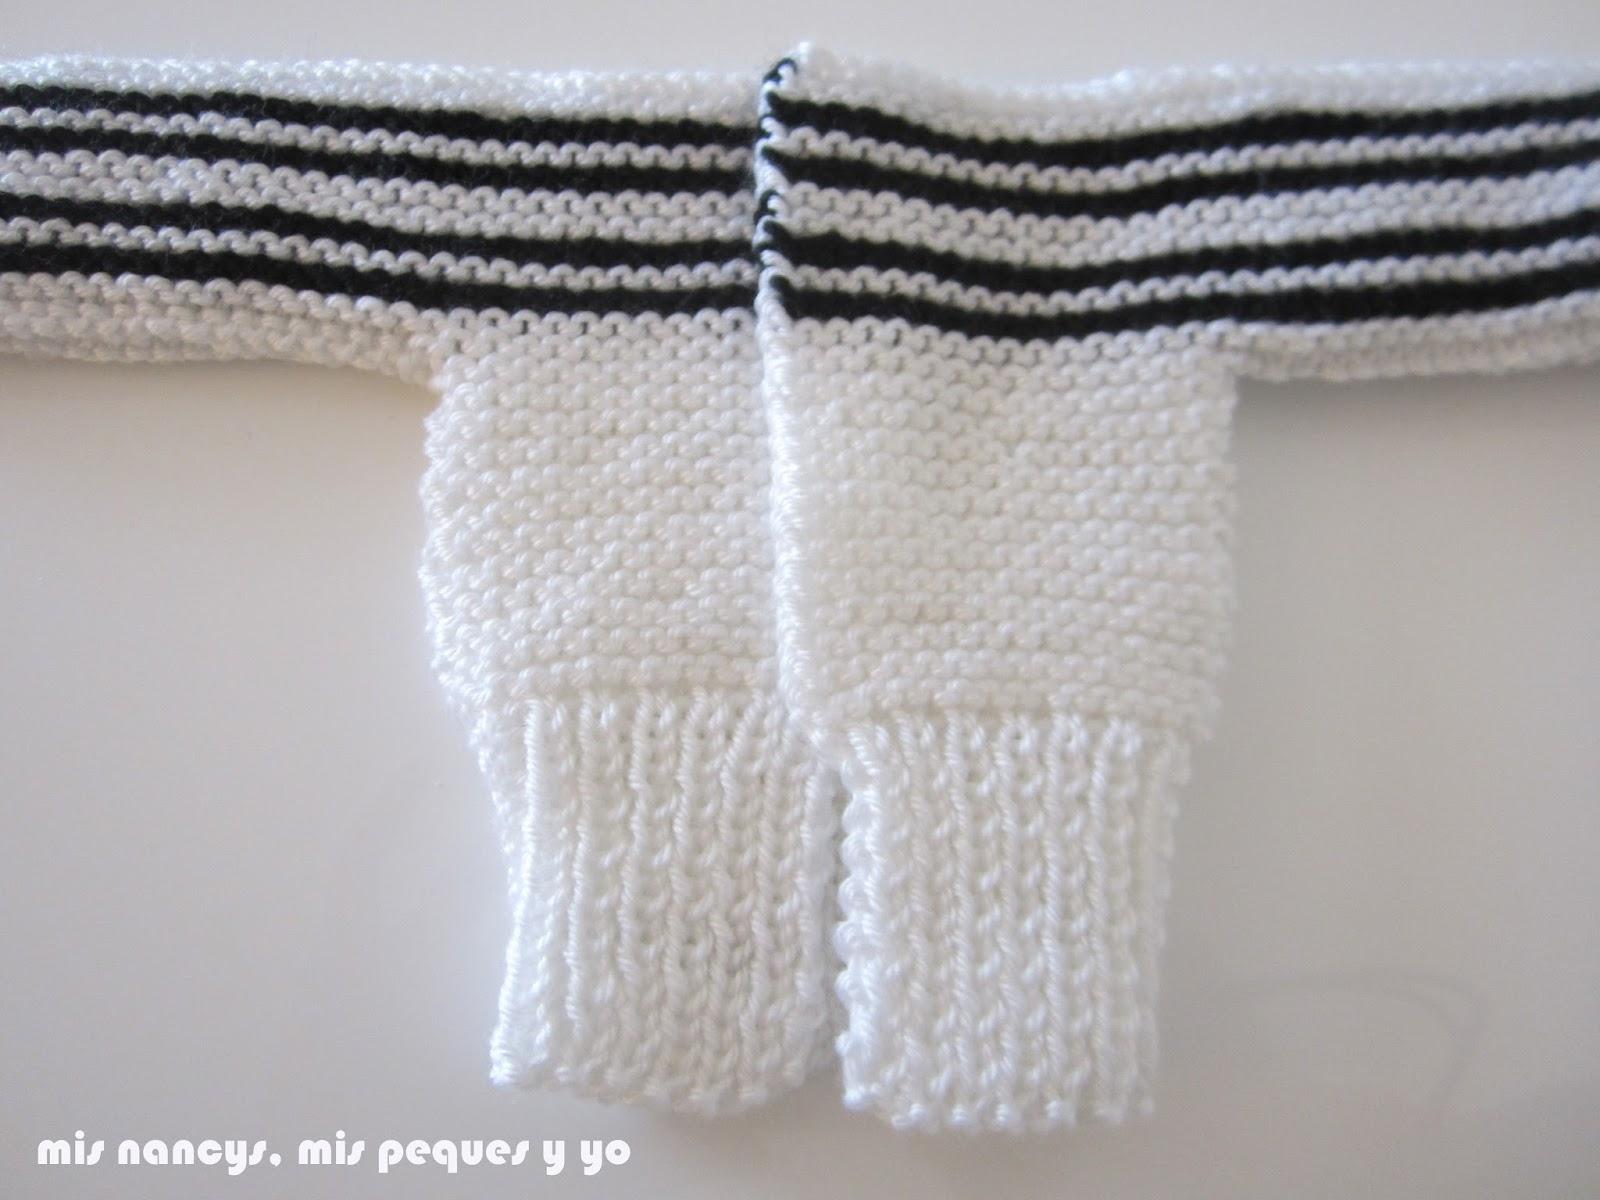 mis nancys, mis peques y yo, tutorial jersey de lana para Nancy, parte delantera, jersey ya cosido